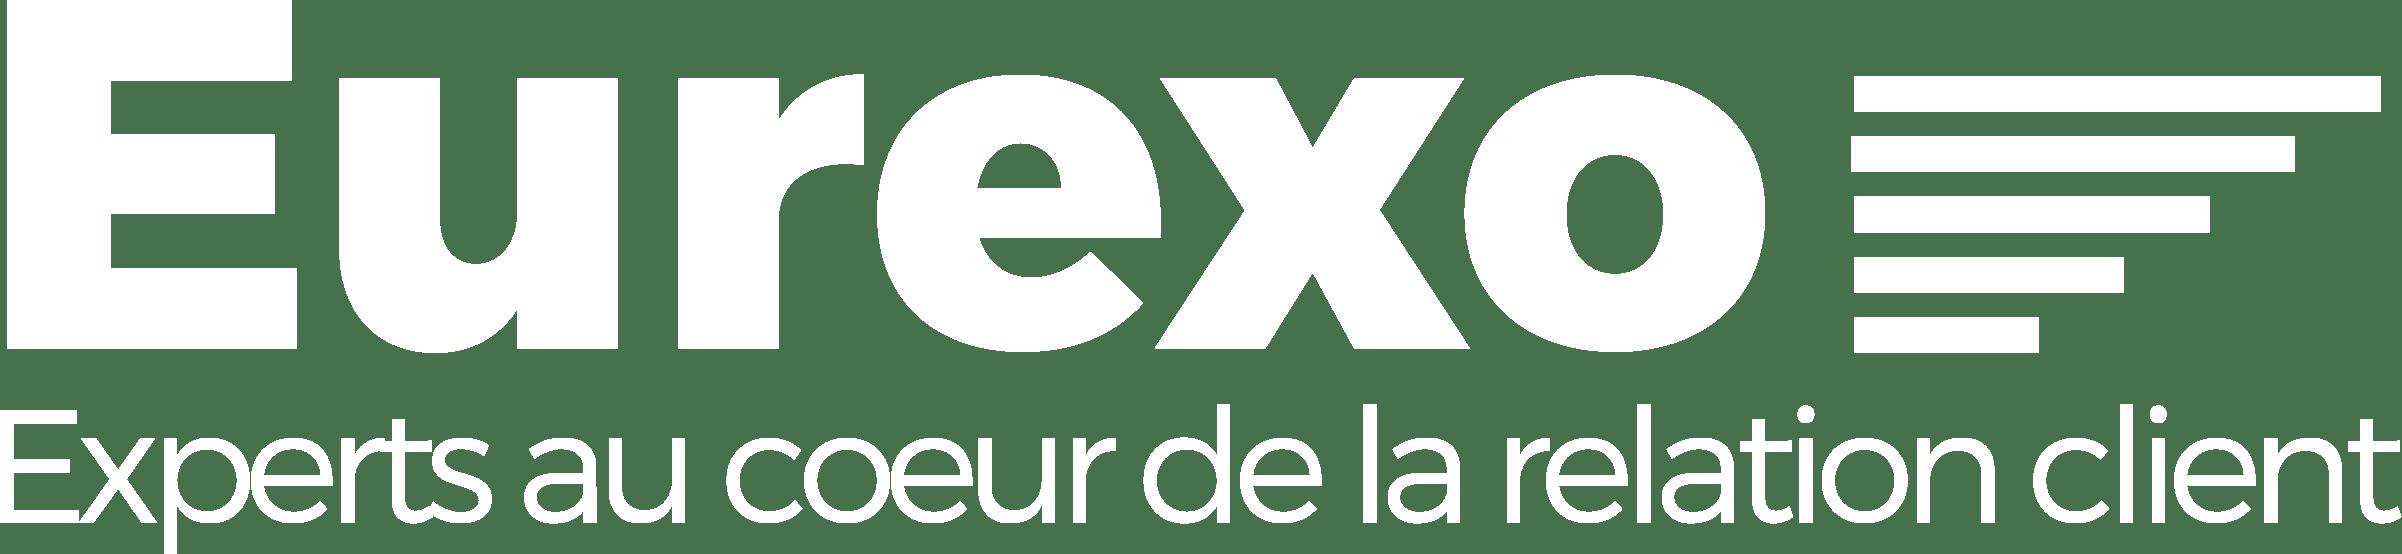 Logo Eurexo